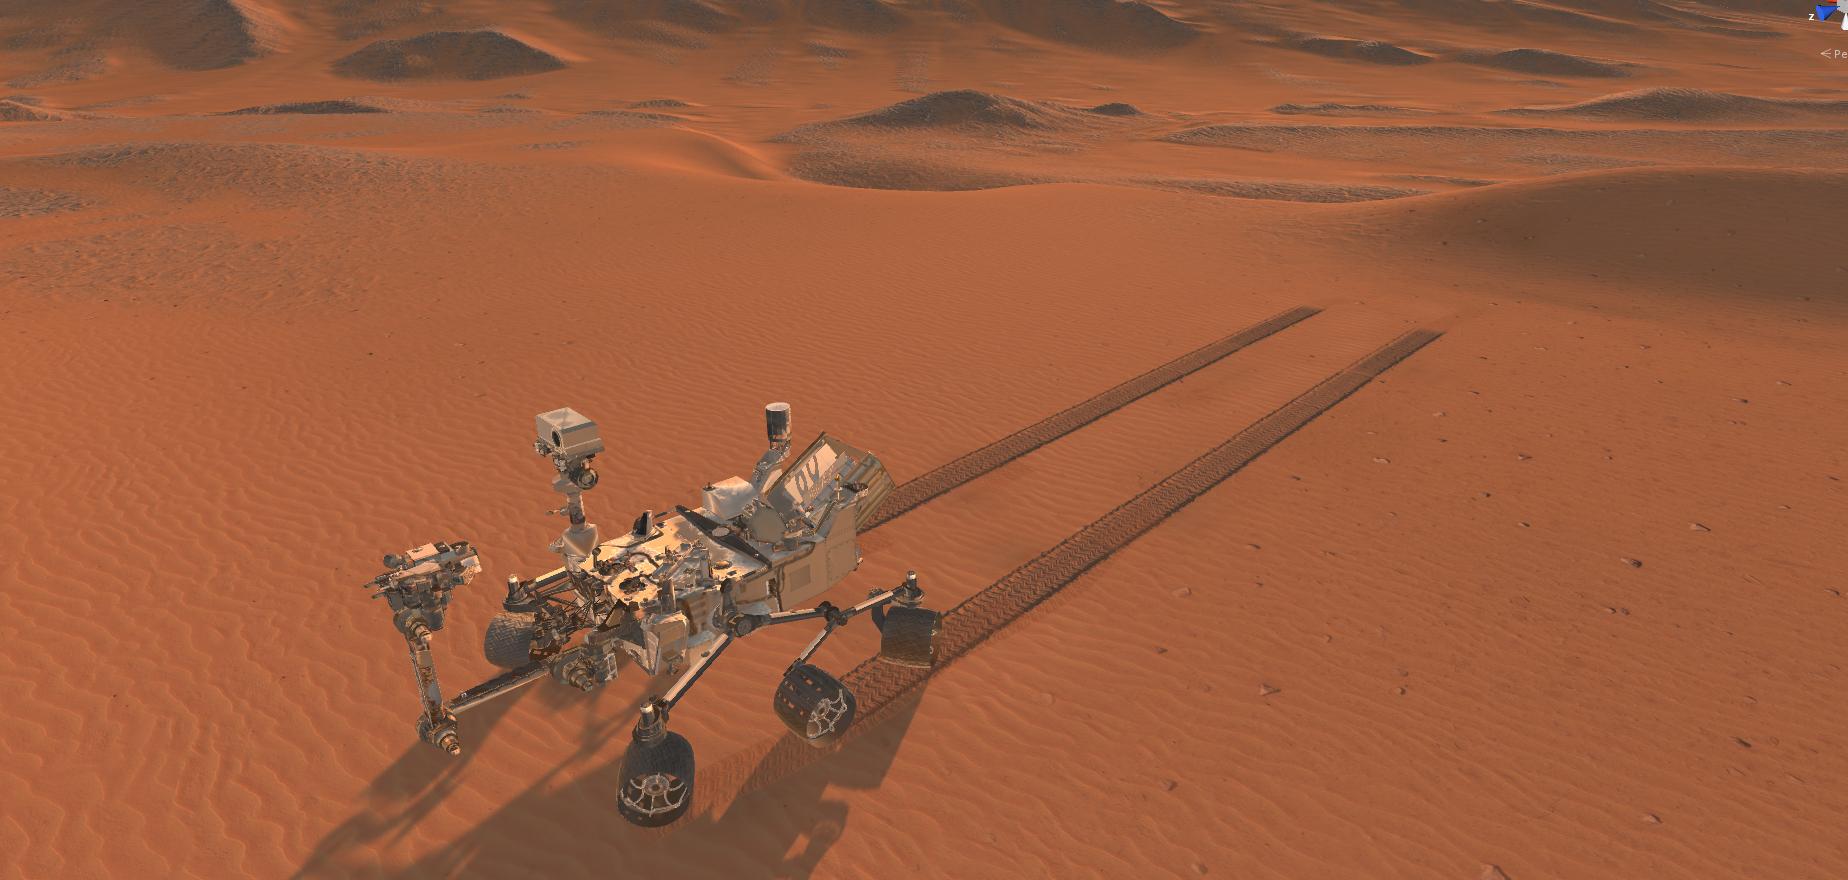 Mars_tracks_grab_03.jpg